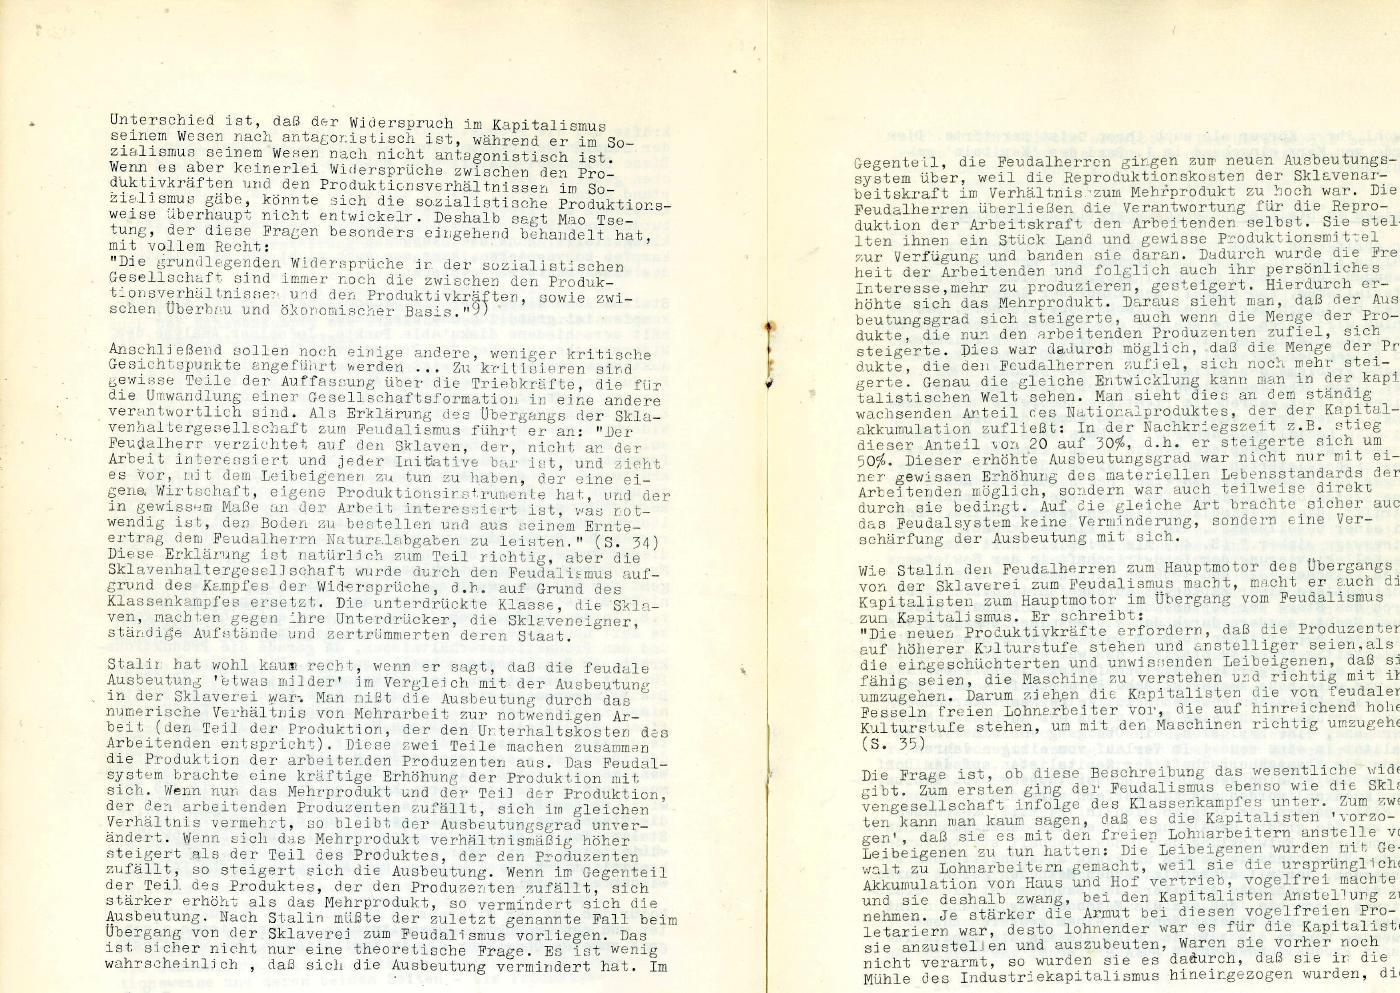 KPDML_1970_Gustafsson_Stalin_07